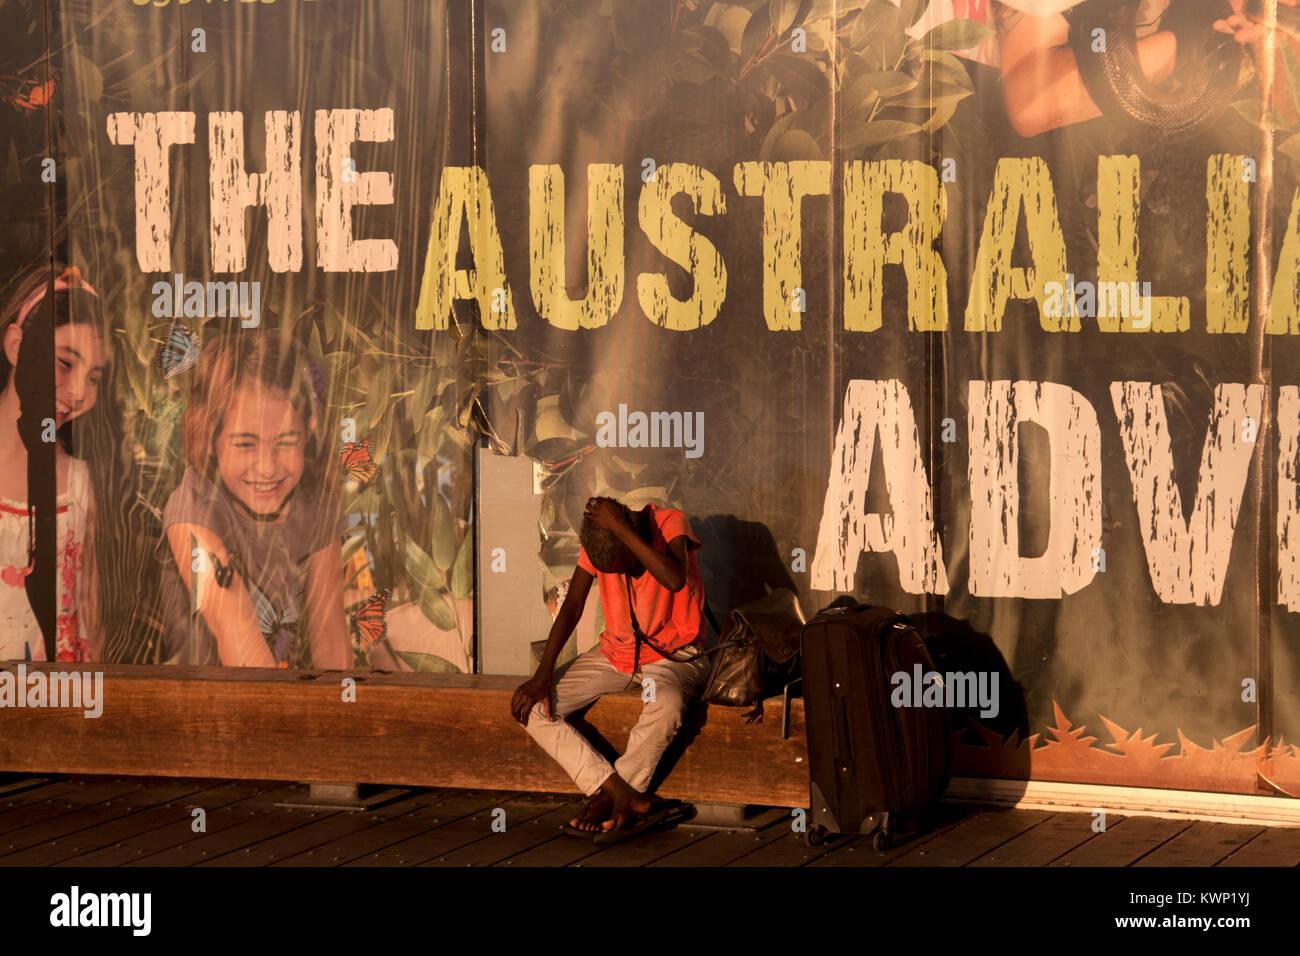 Panneaux publicitaires pour la faune Sydney Darling Harbour sydney New South Wales australie Photo Stock